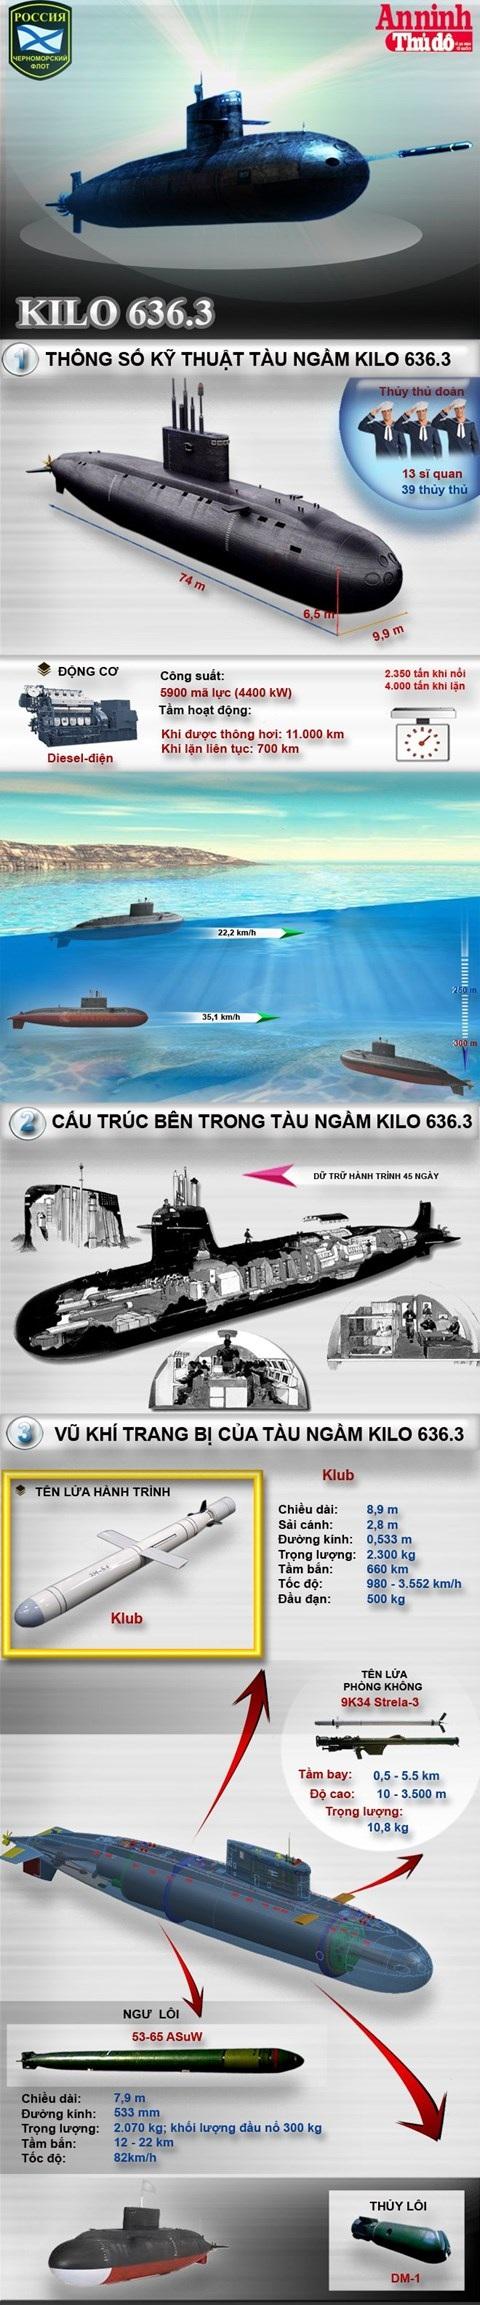 """[Infographic] Sức mạnh tàu ngầm """"Hố đen đại dương"""" Kilo 636.3 - 2"""